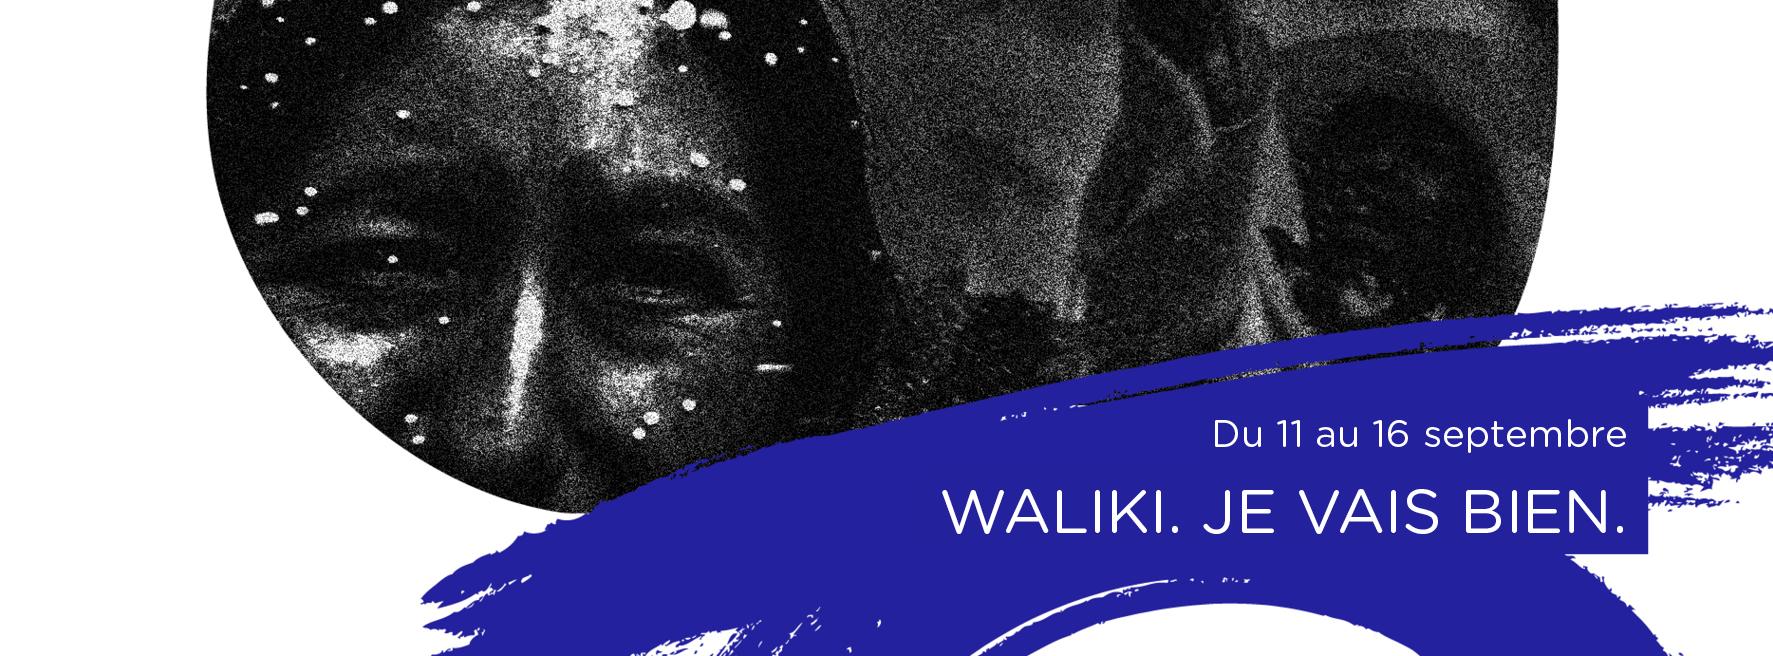 Waliki. Je vais bien.